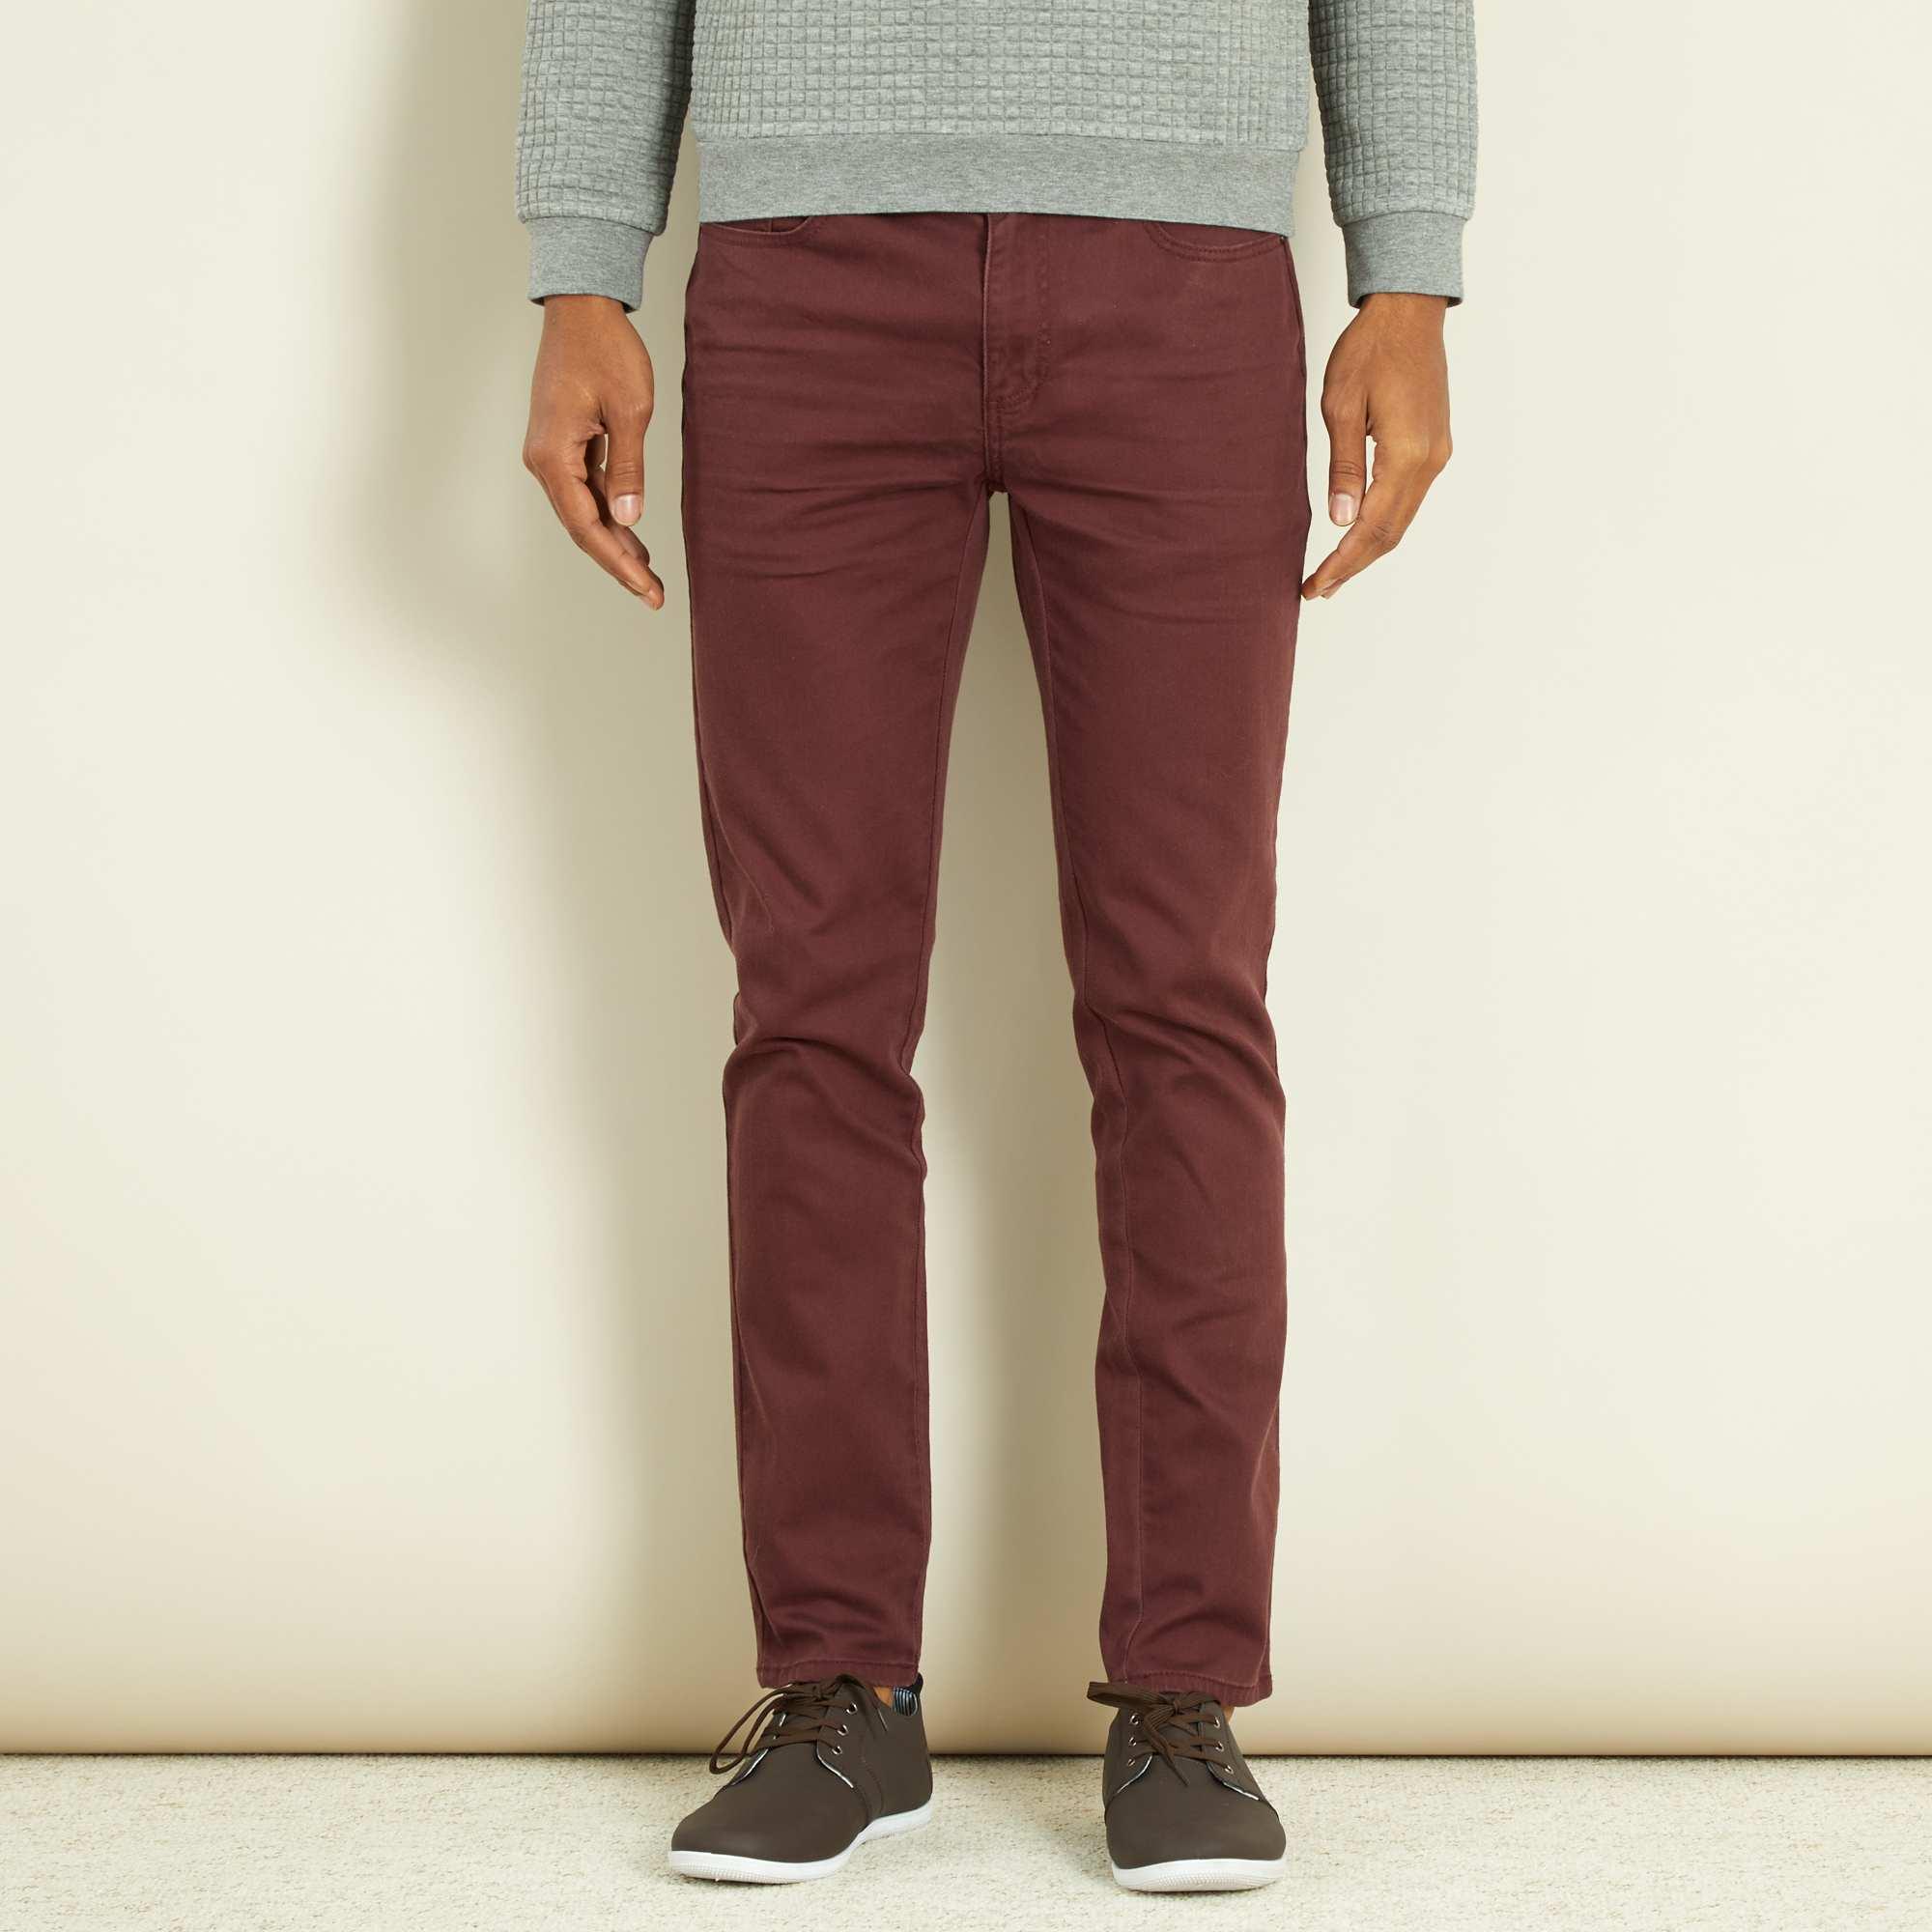 pantalon homme bordeaux slim,Pantalon slim 5 poches coton stretch bordeaux  Homme. Loading zoom